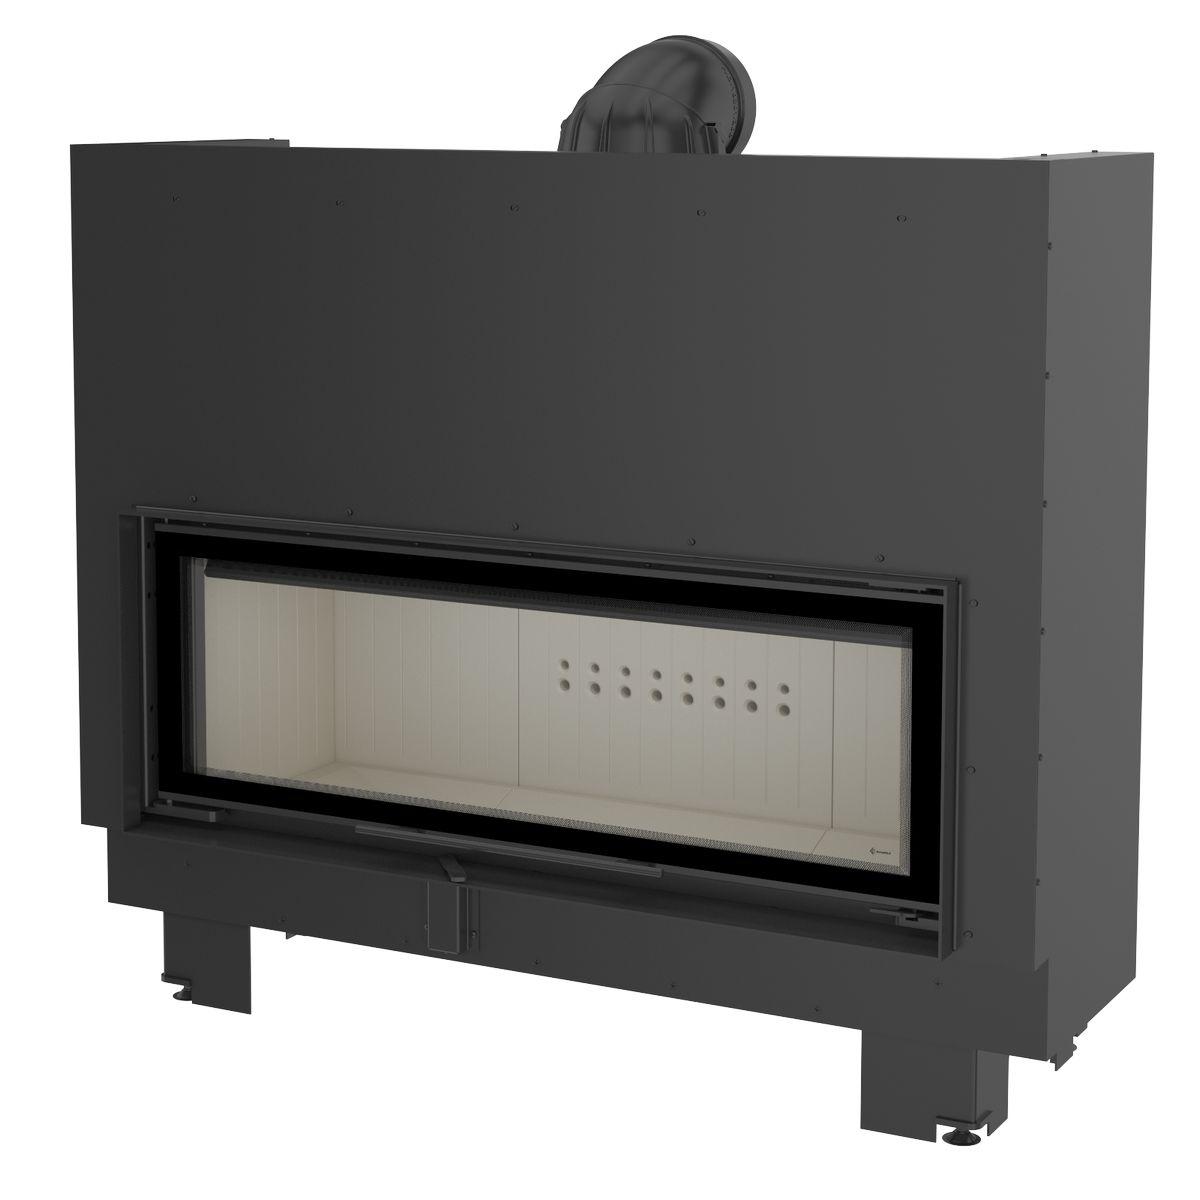 kamineinsatz 22 kw kratki mb 120 heizeinsatz mit hebet r xl scheibe 1 15 m breit ebay. Black Bedroom Furniture Sets. Home Design Ideas